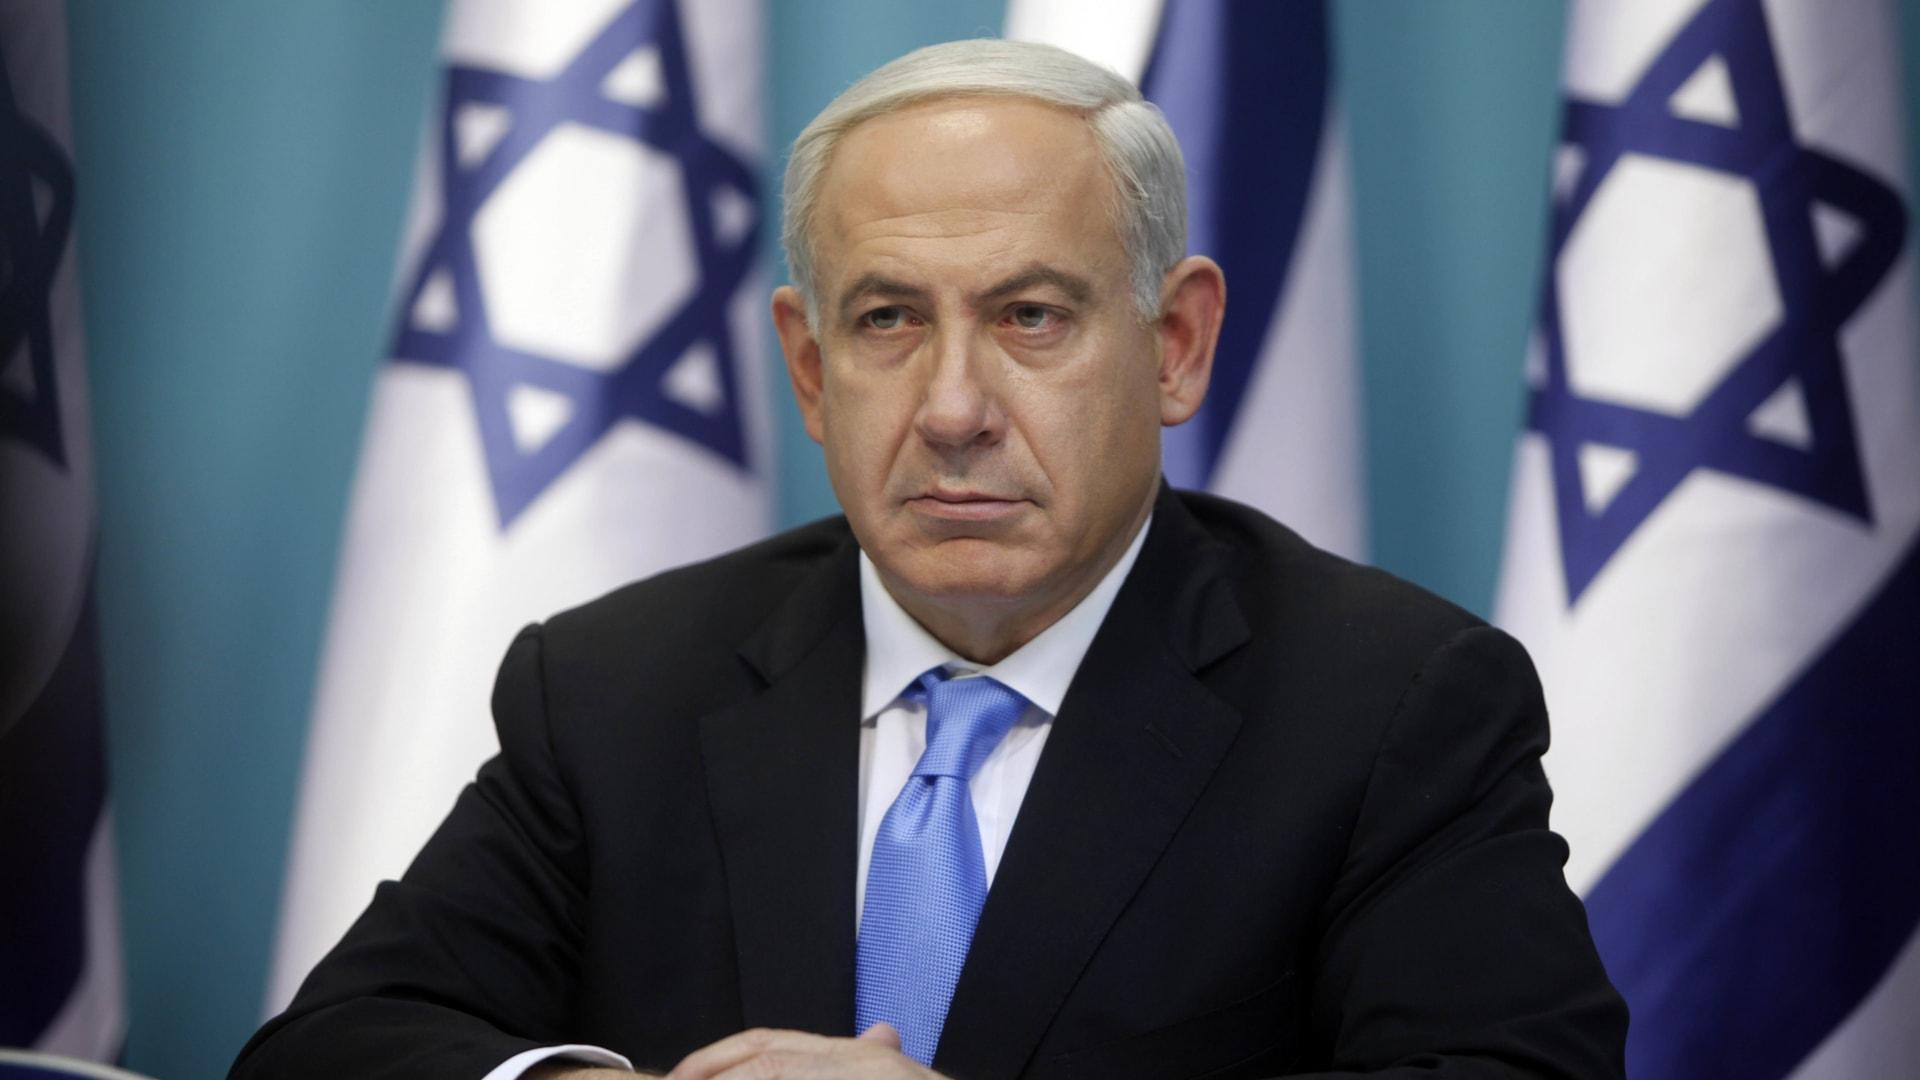 توجه بينيت منافس نتنياهو لأحزاب اليسار لتشكيل حكومة وحدة بإسرائيل